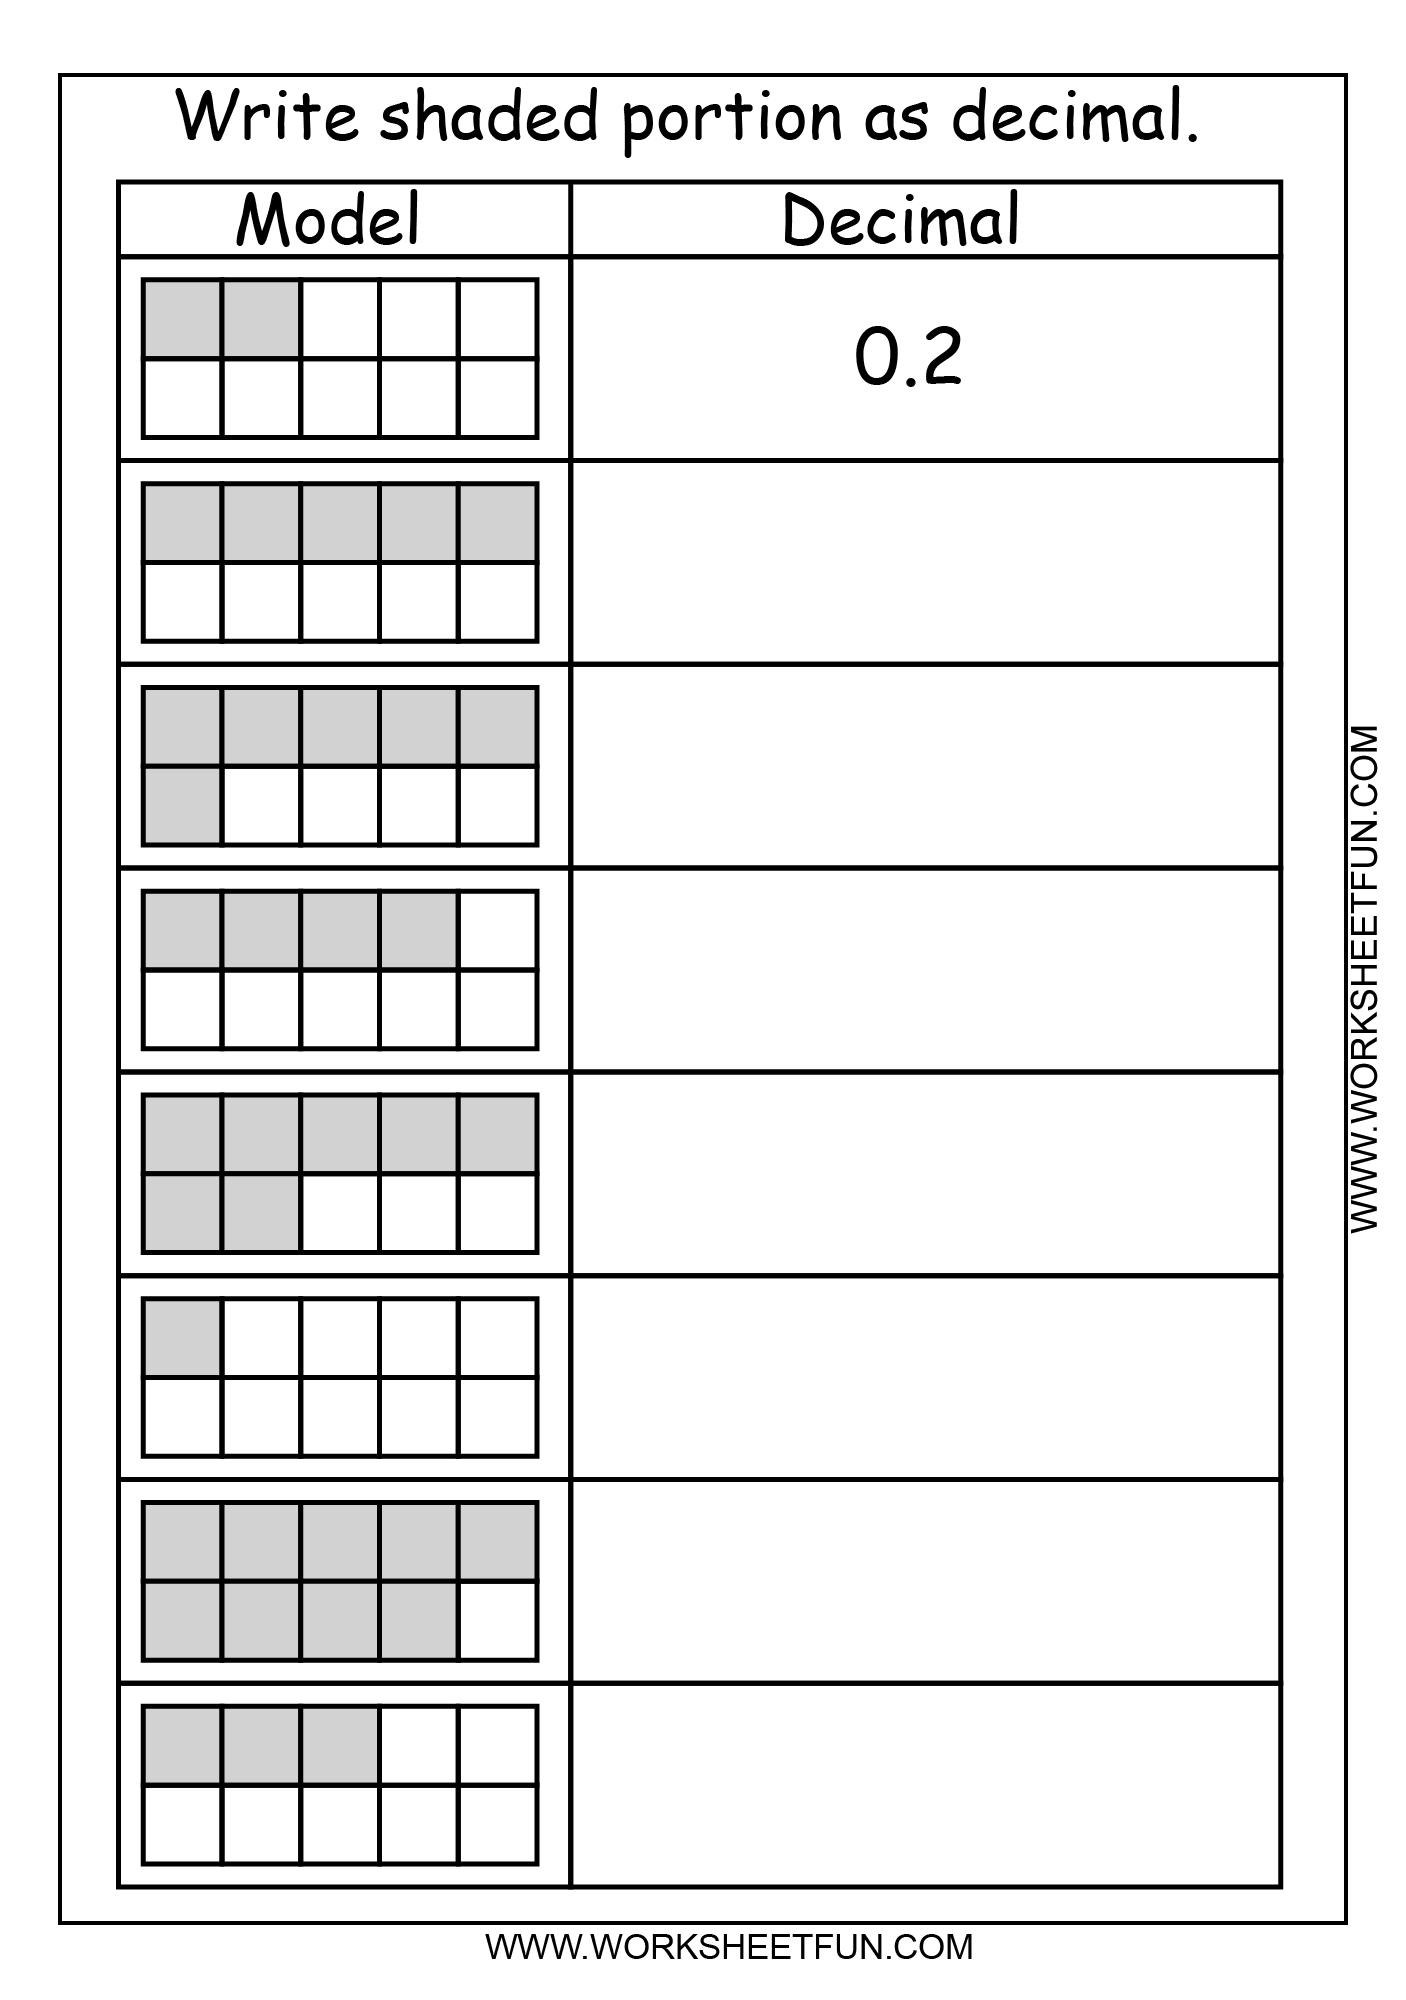 Model Decimal